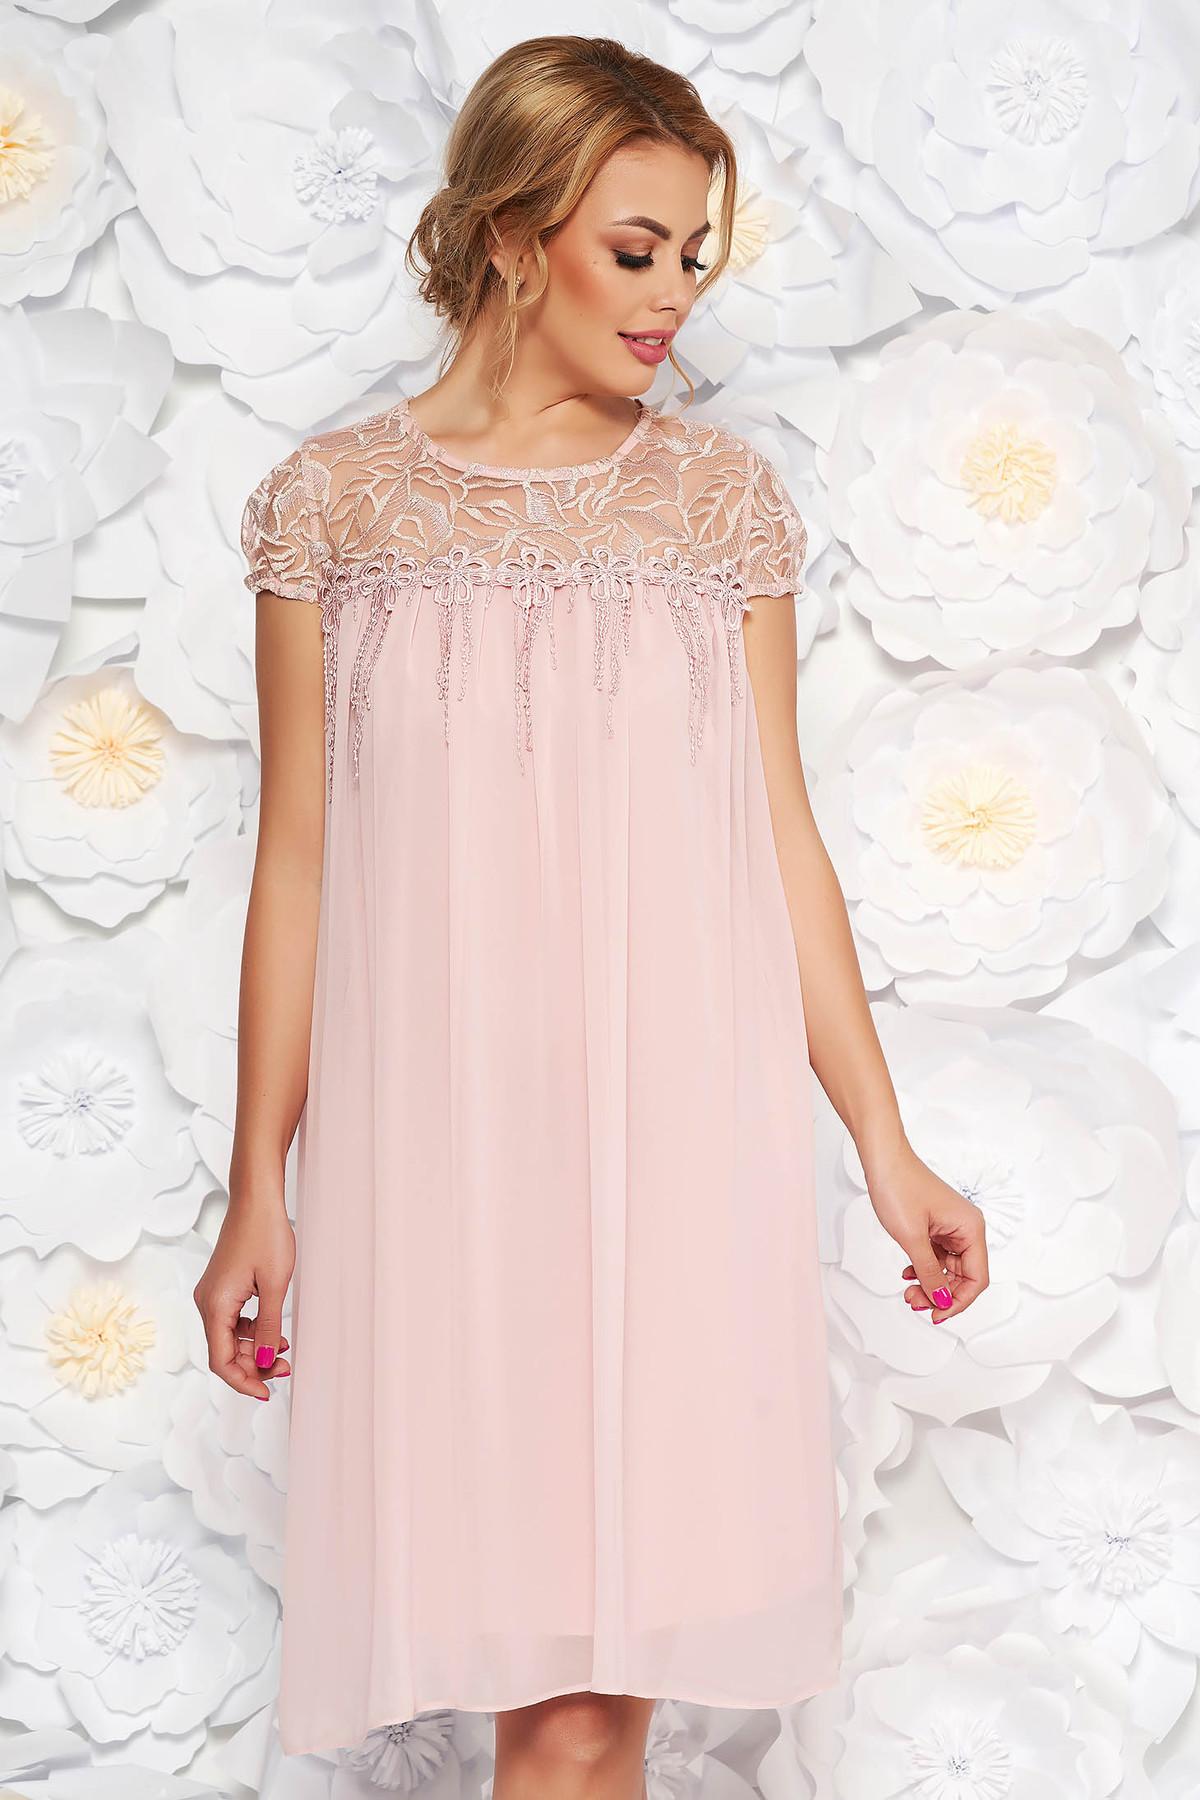 Rochie rosa de ocazie cu croi larg din voal cu maneci din dantela cu aplicatii florale